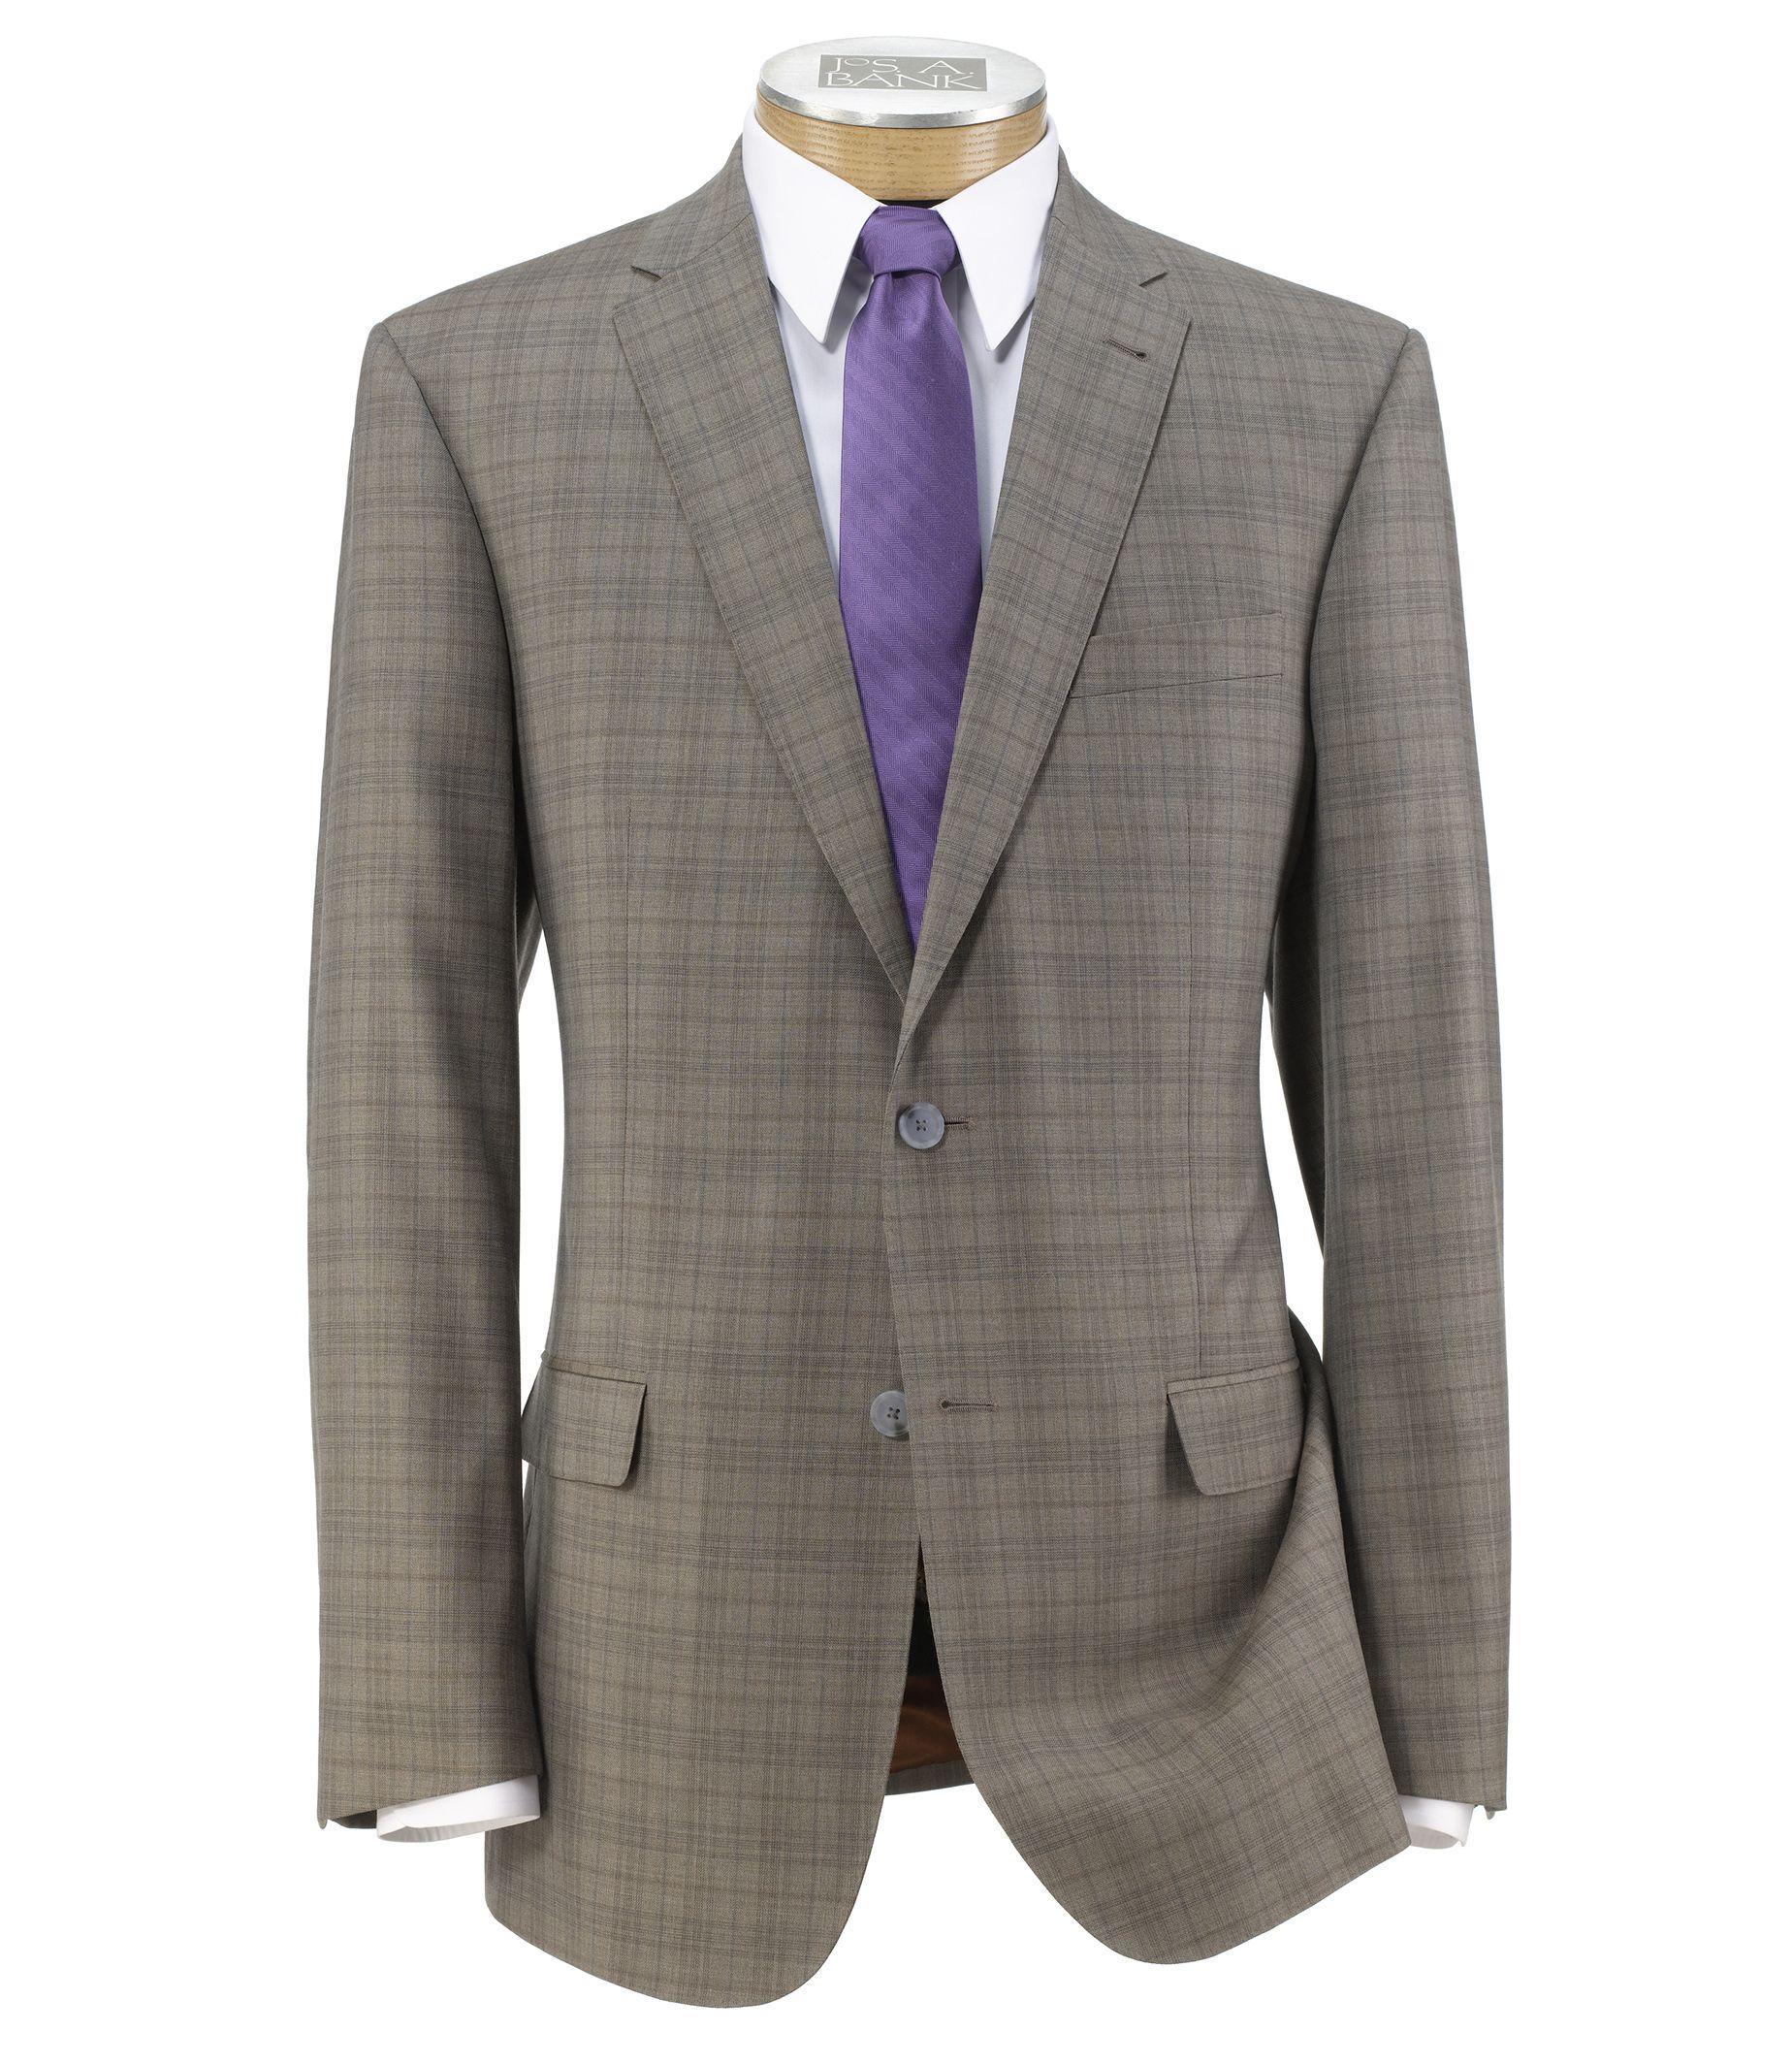 Joseph Slim Fit 2 Button Plain Front Wool Suit- Light Brown Fashion Plaid